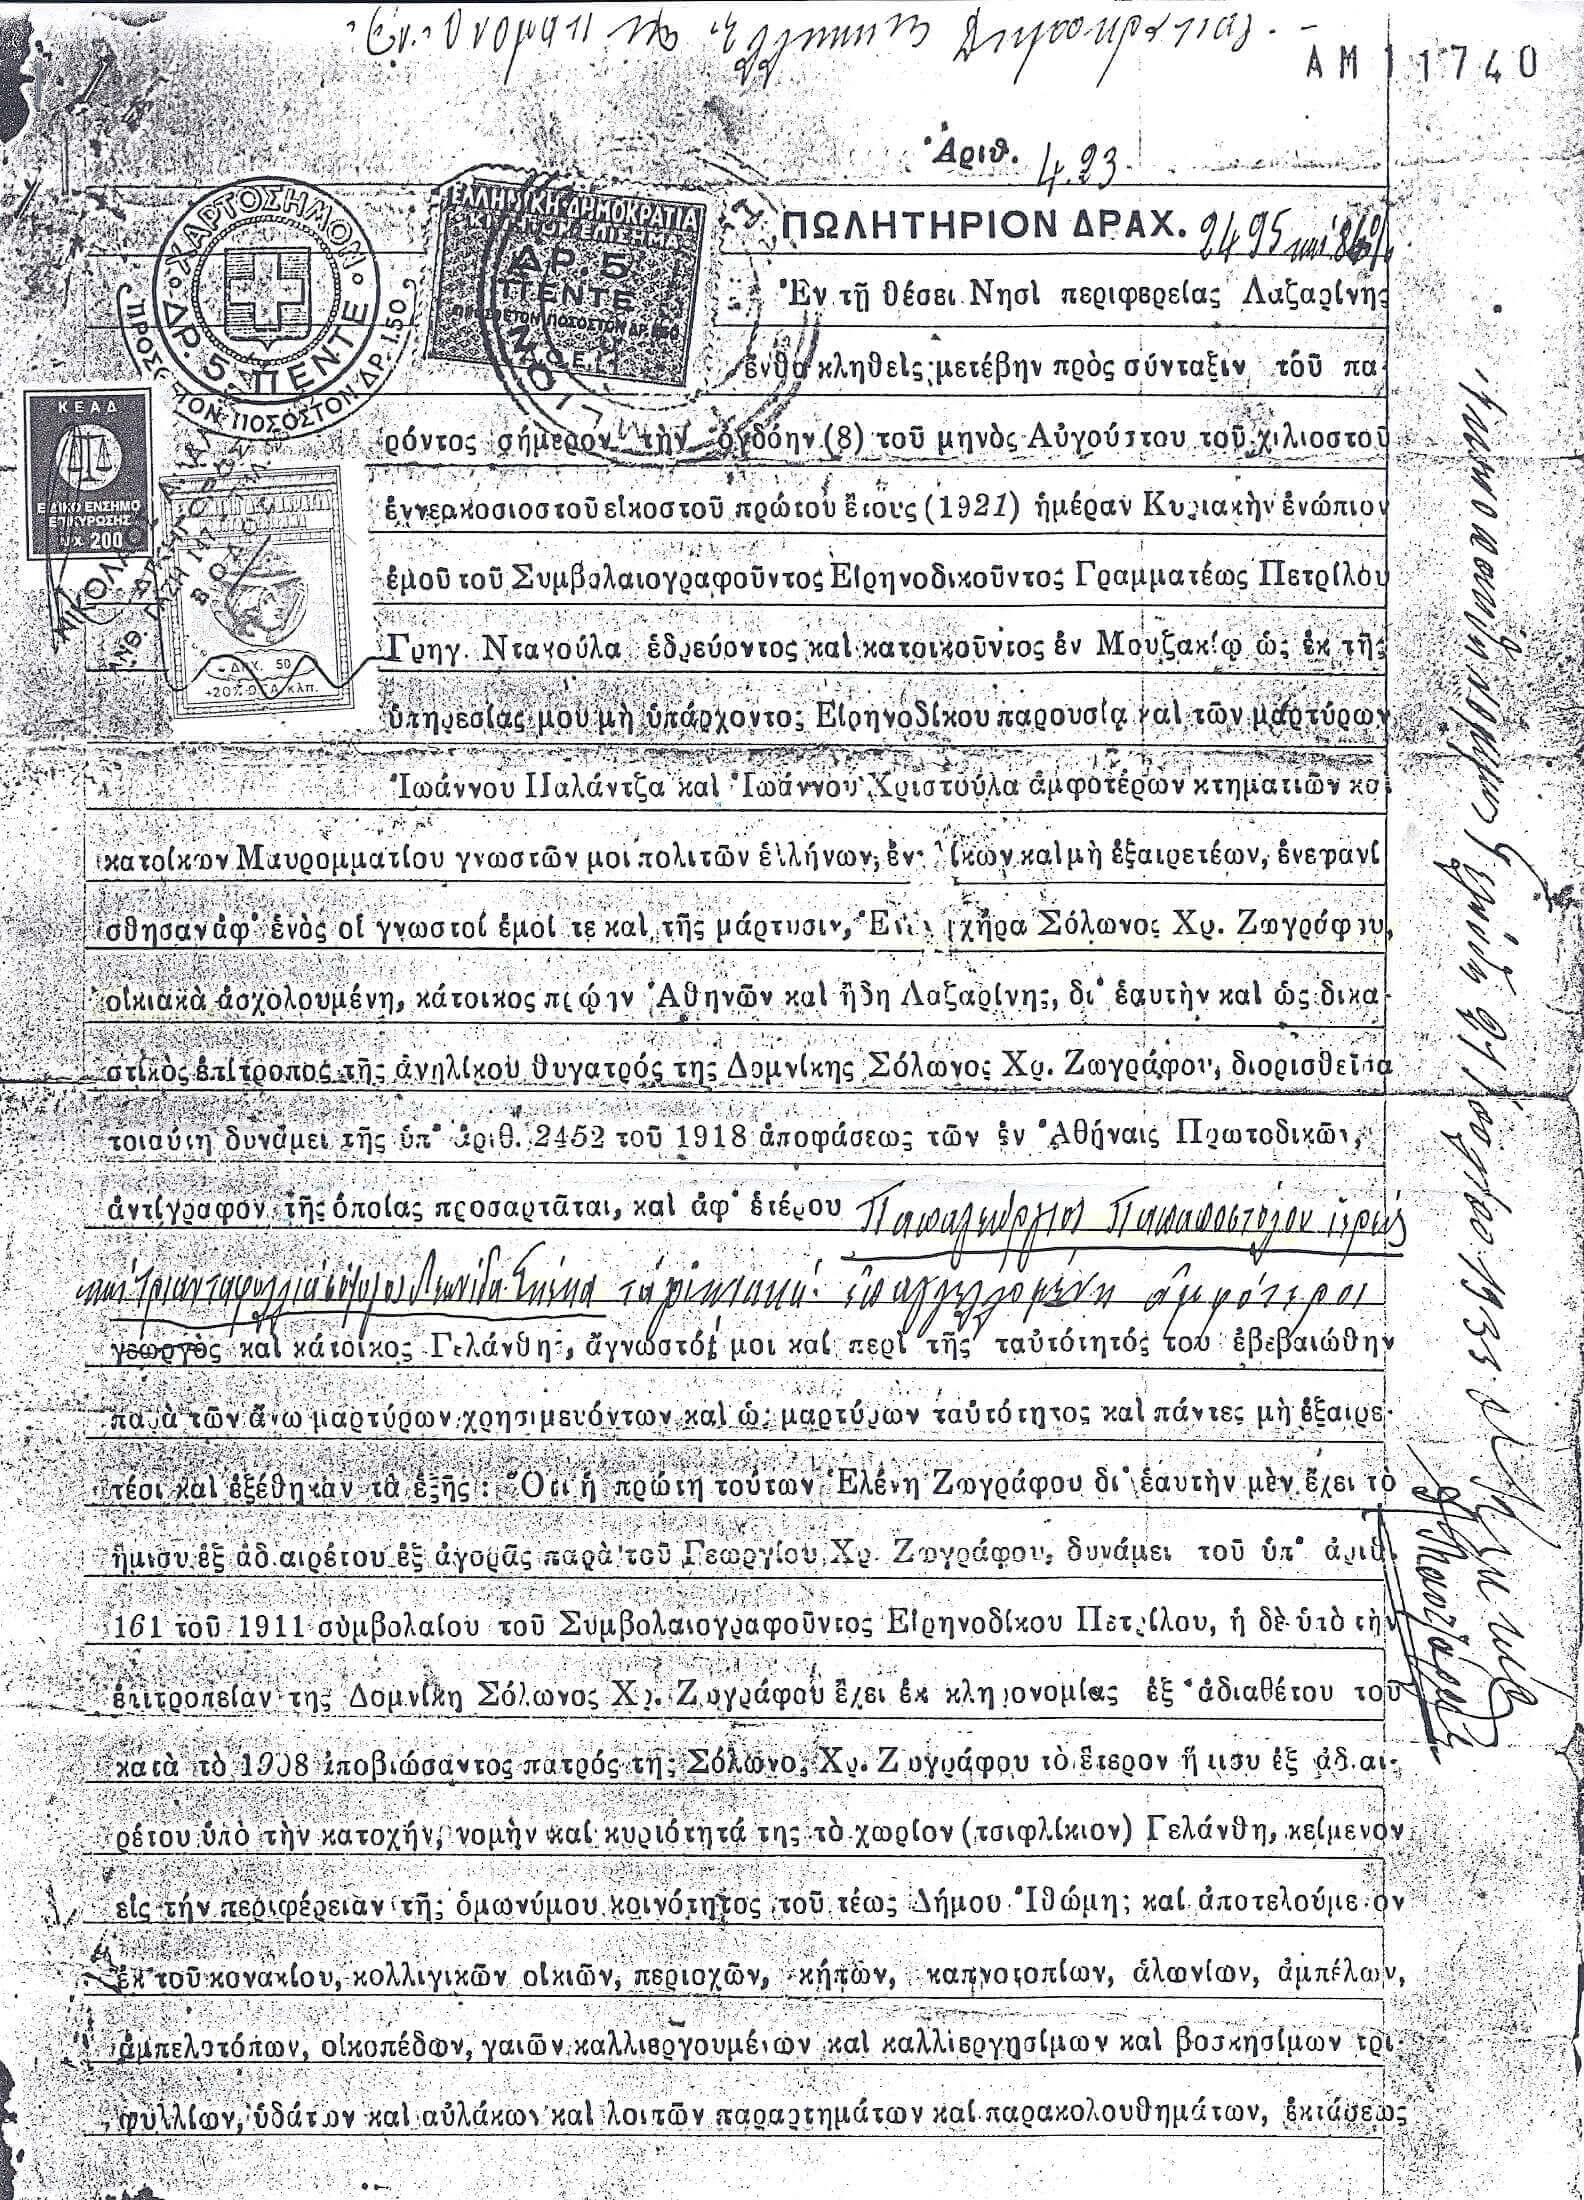 Συμβόλαιο αγοράς κλήρου της Τριανταφυλλιάς Λ. Γκέκα από το Χρ. Ζωγράφου